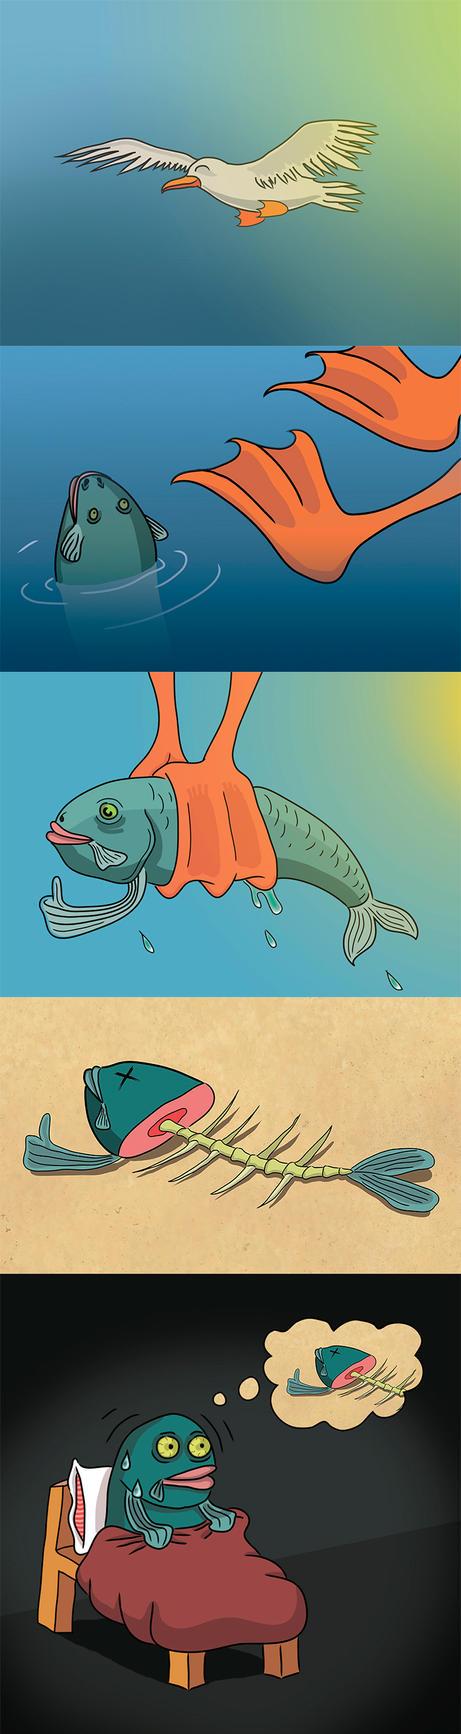 FISHNovel by Letiso